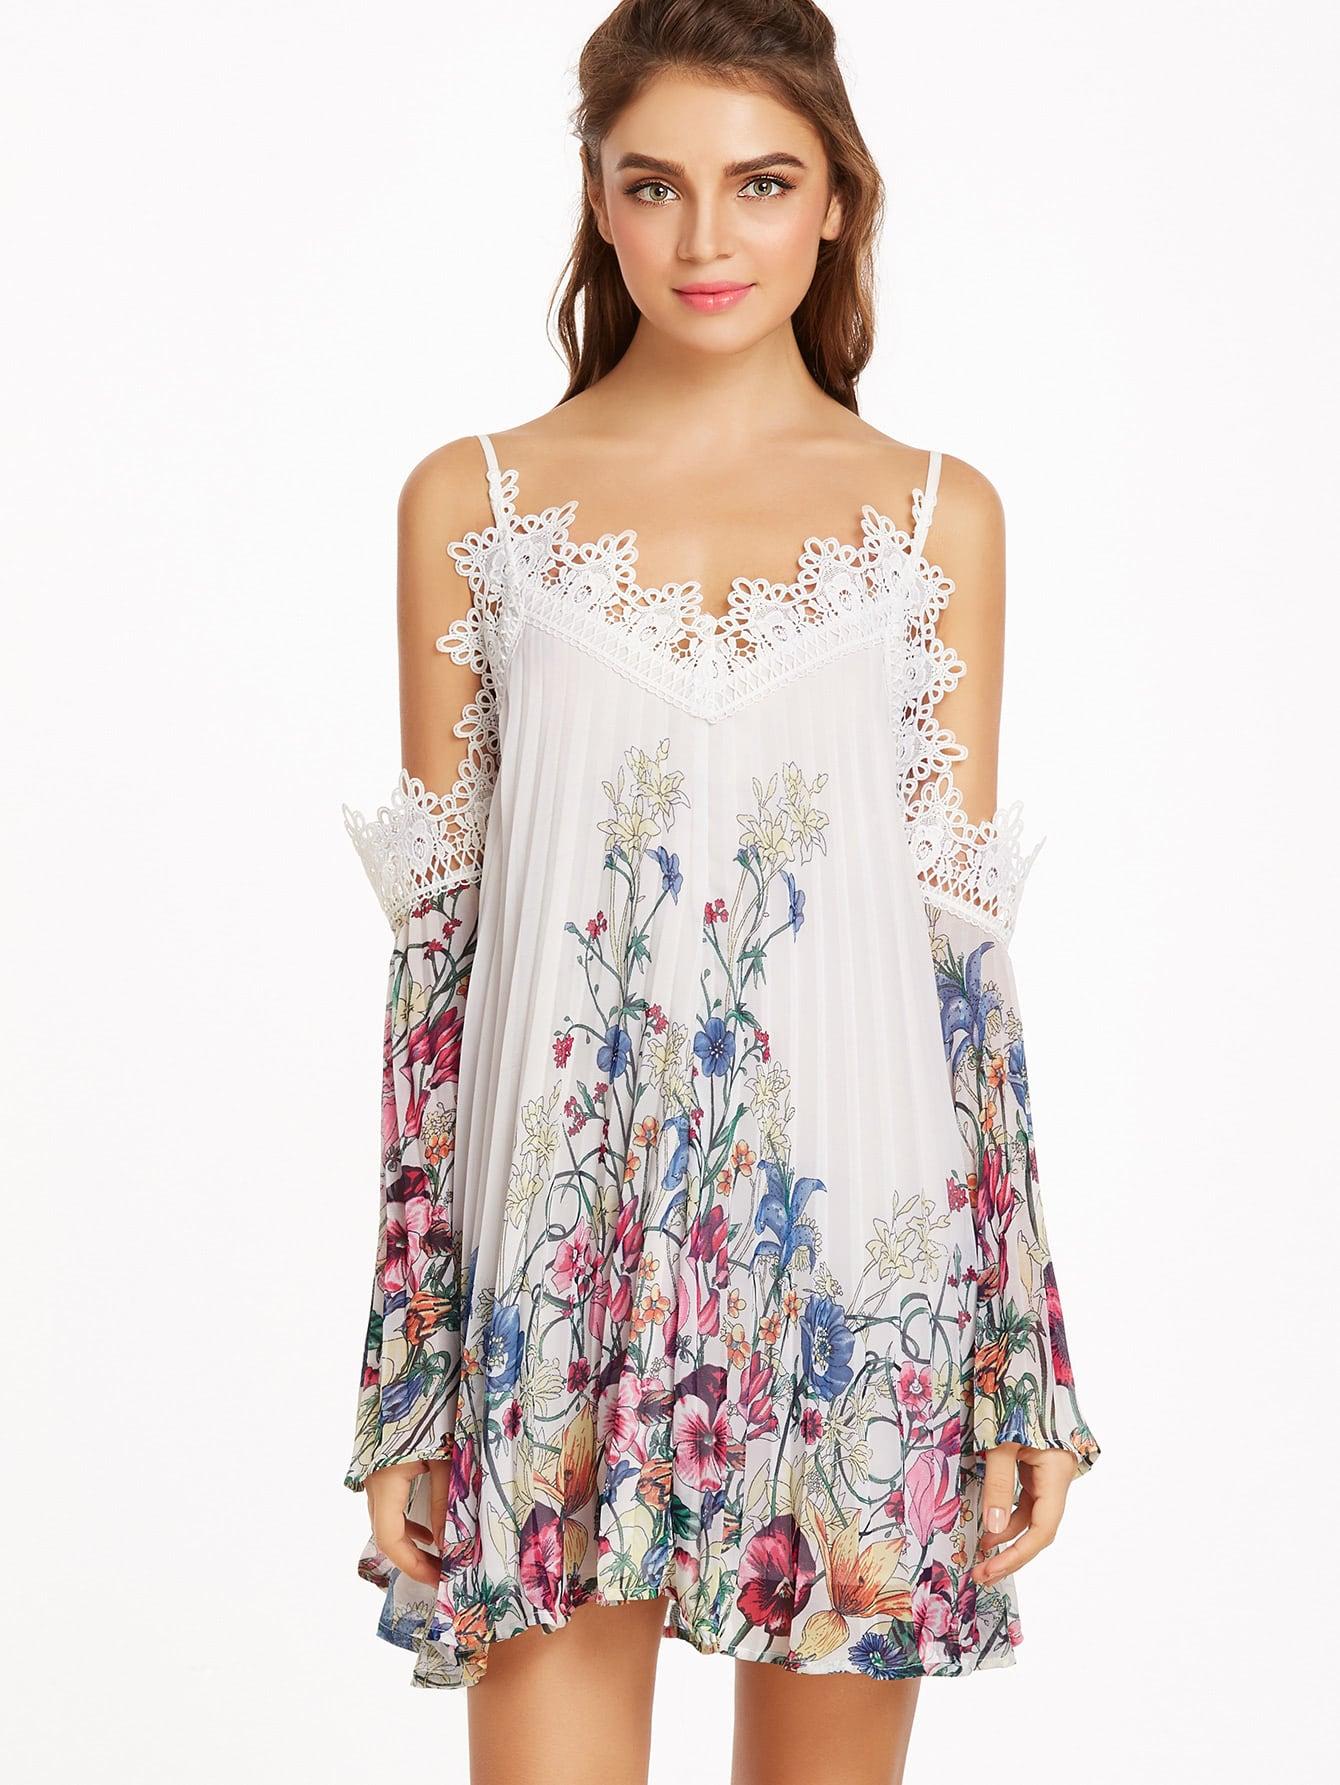 dress161118731_2